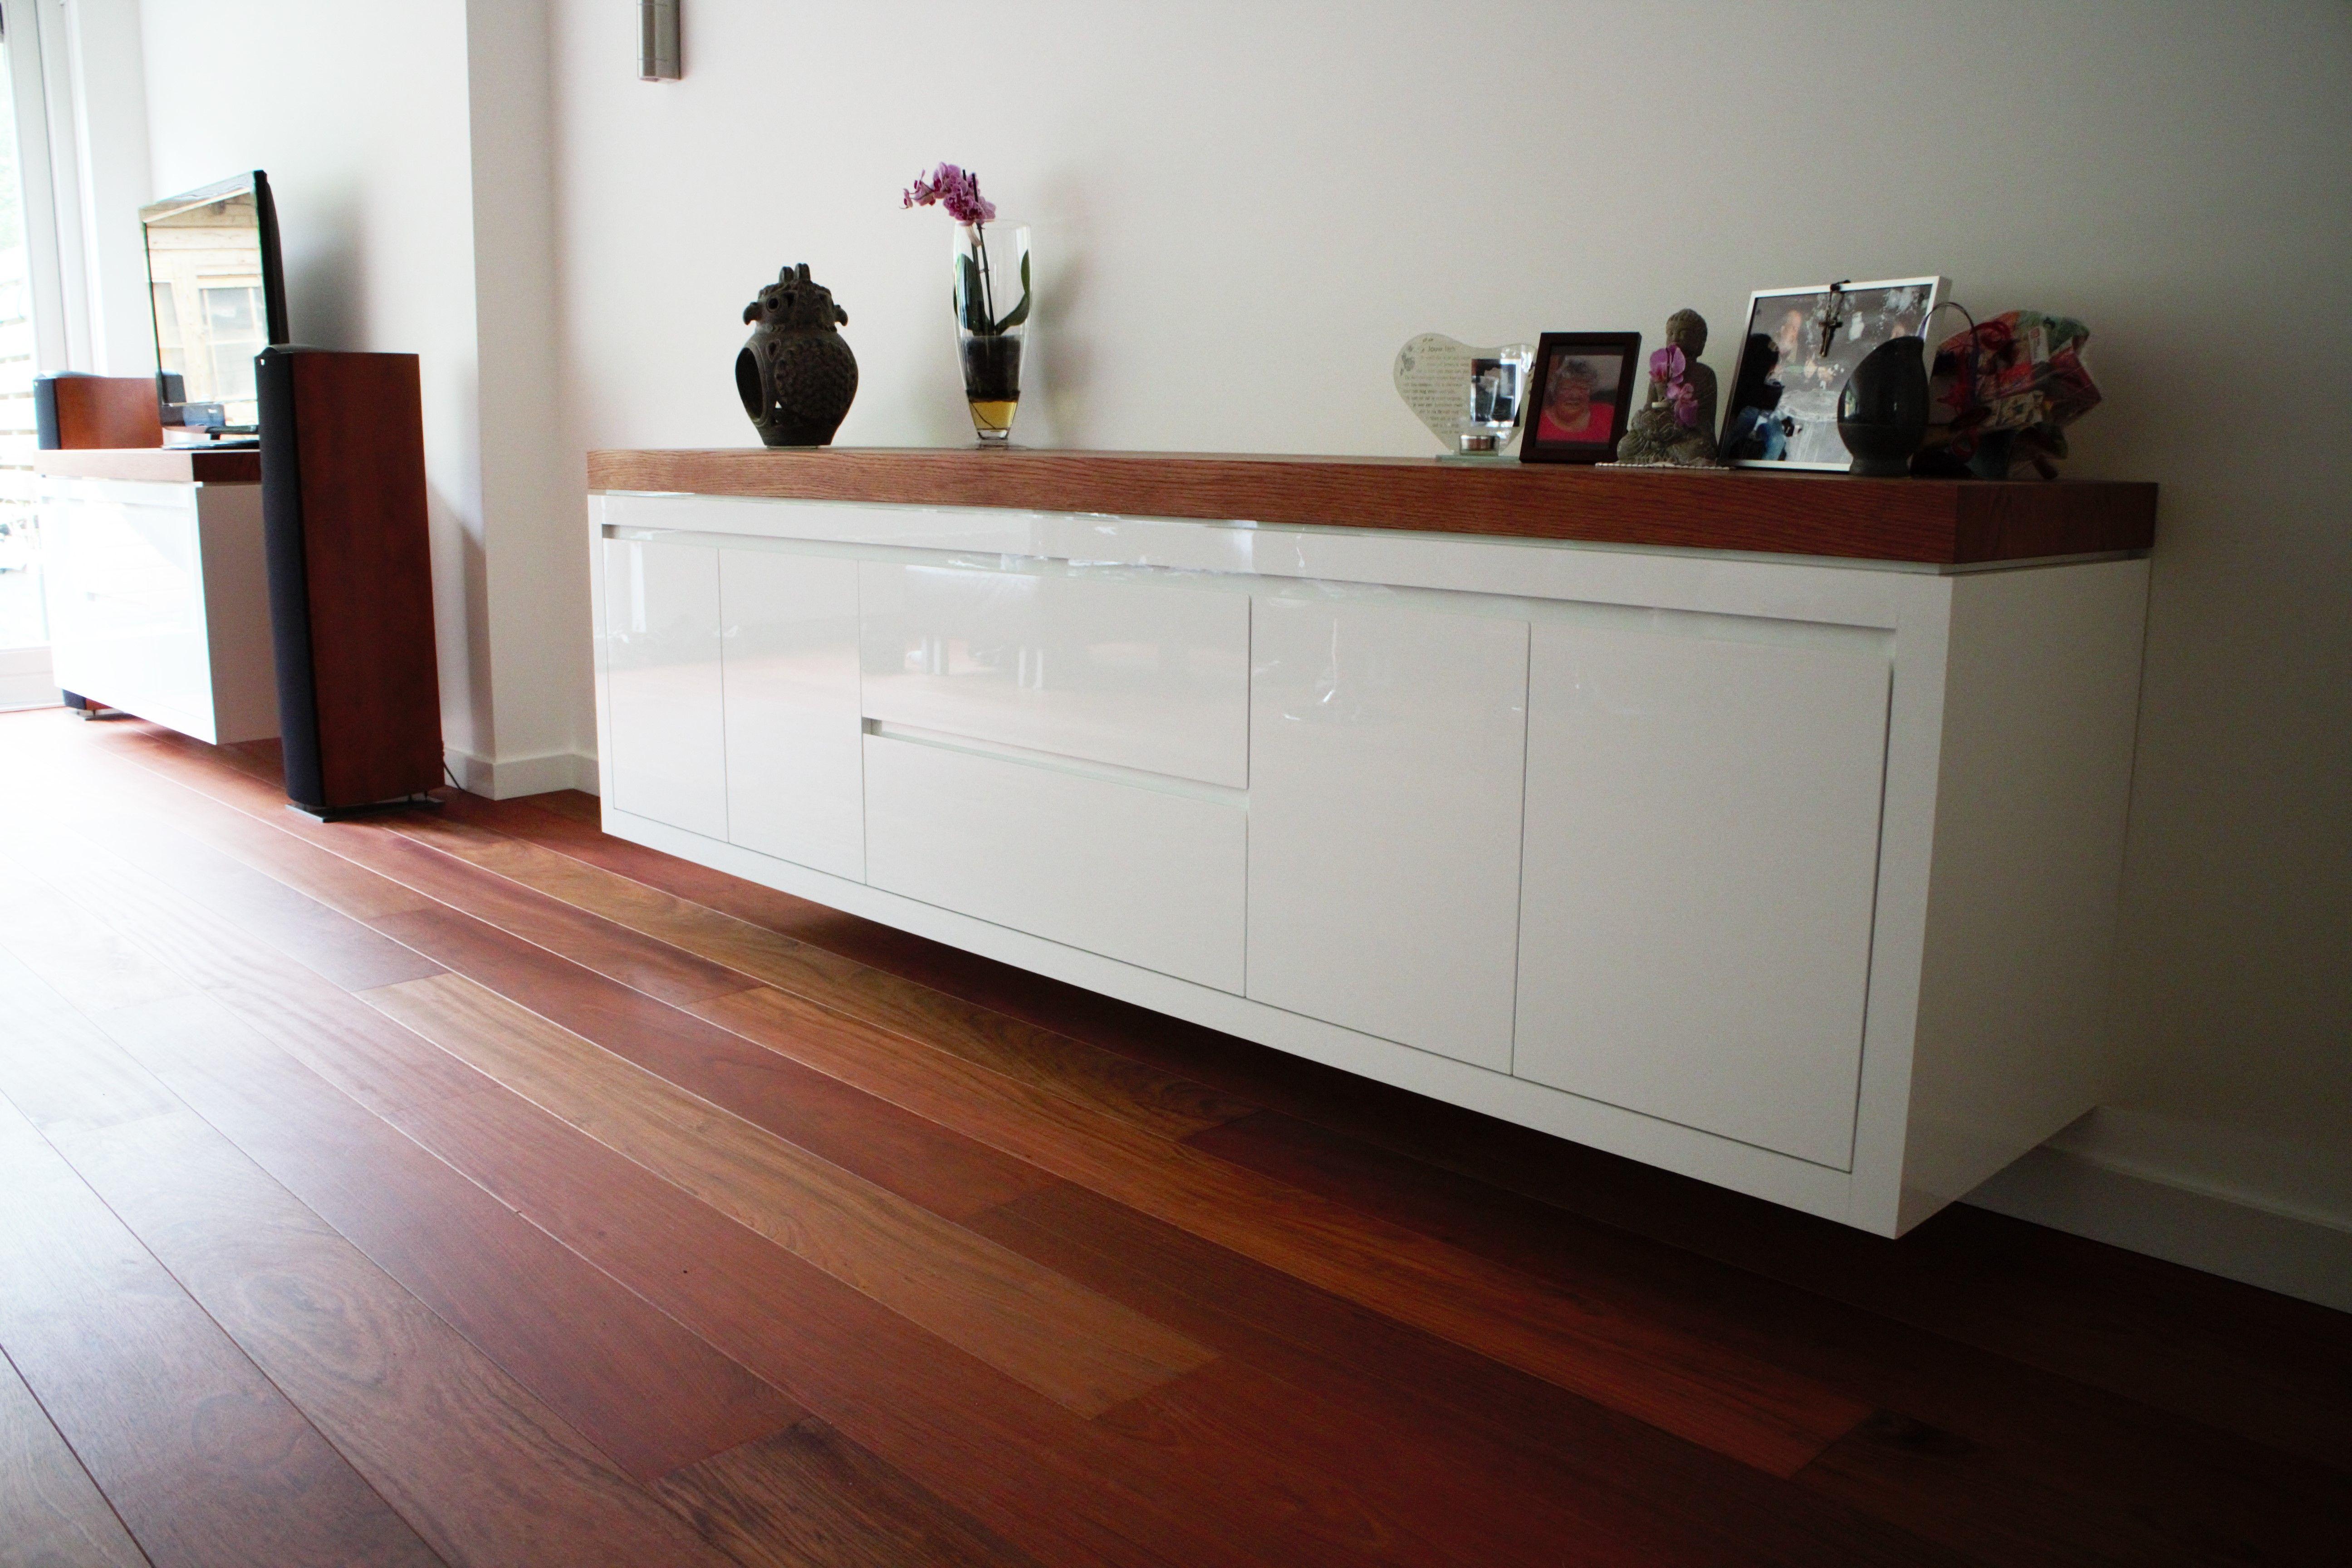 Jatoba houten vloer en hoogglans wit dressoir met jatoba houten blad